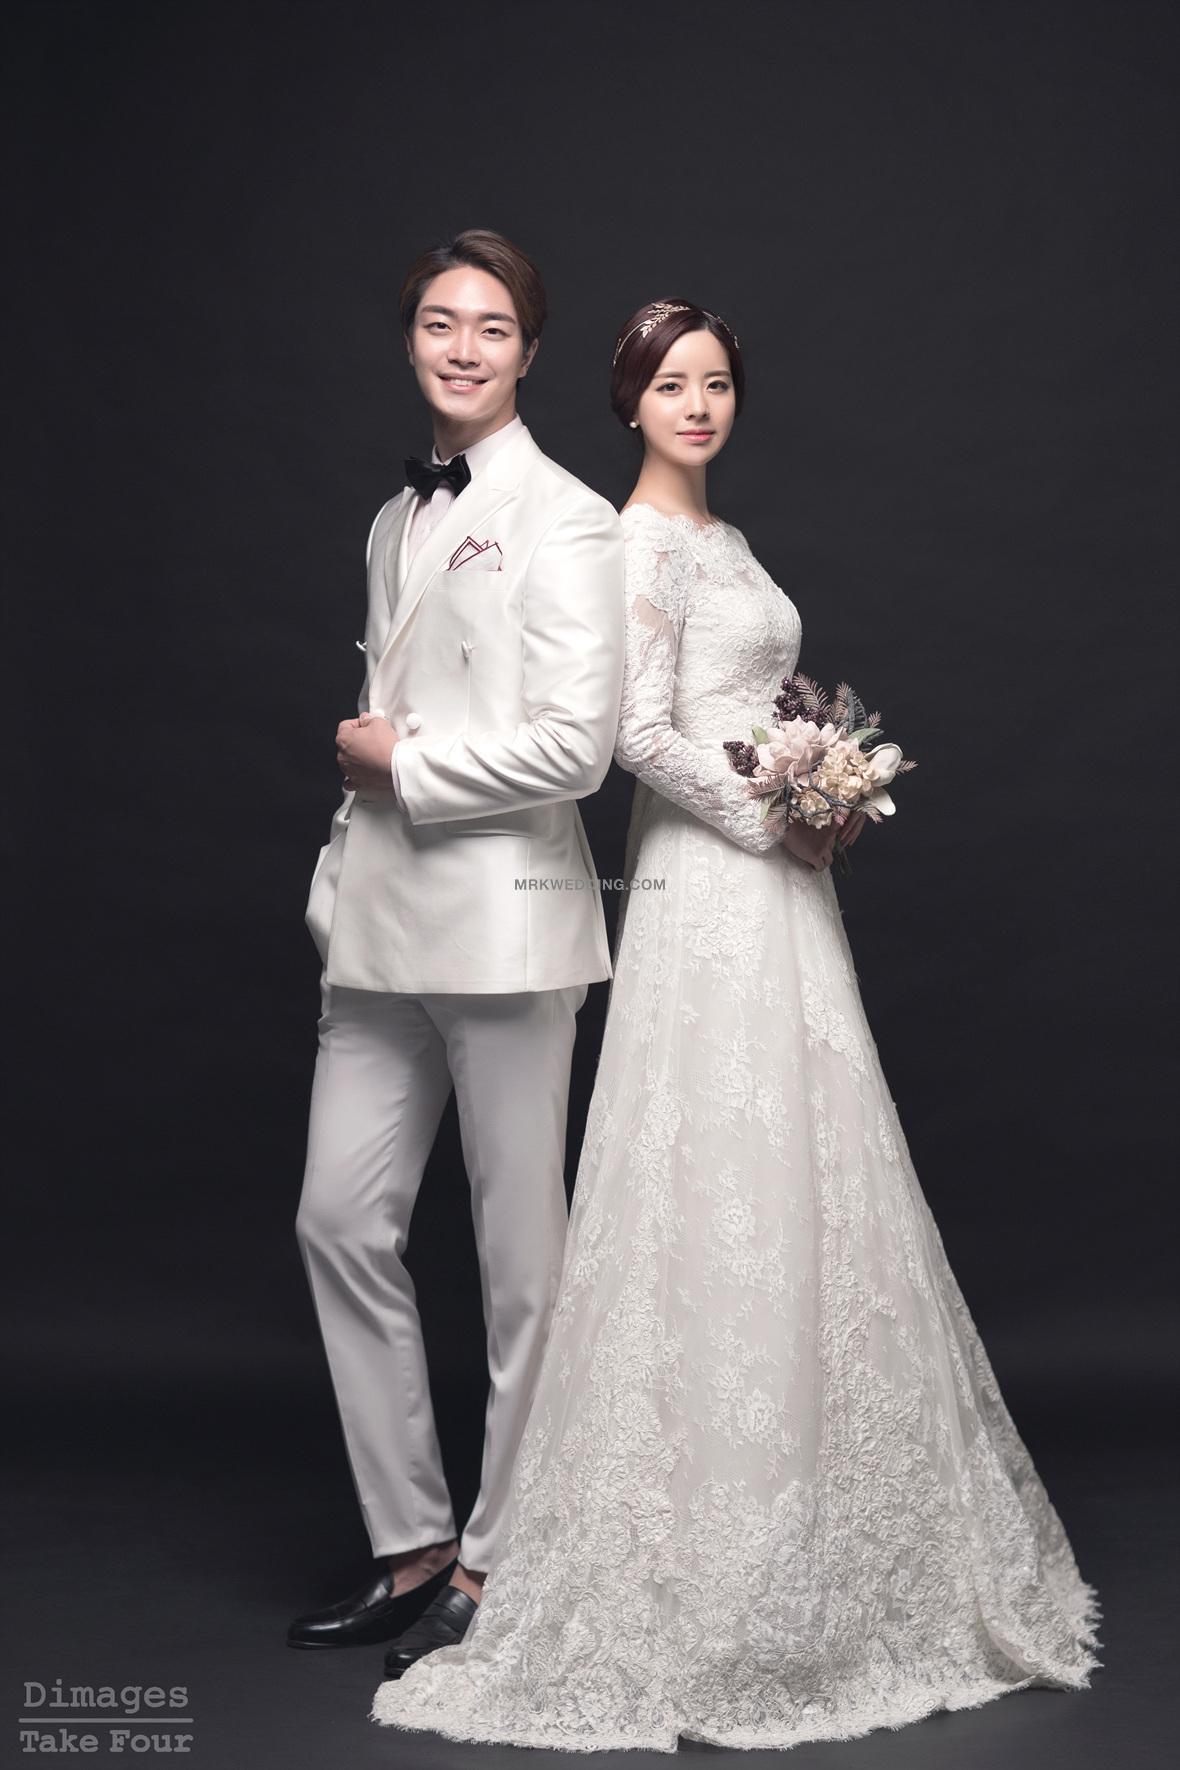 Korea pre wedding photos (19).jpg